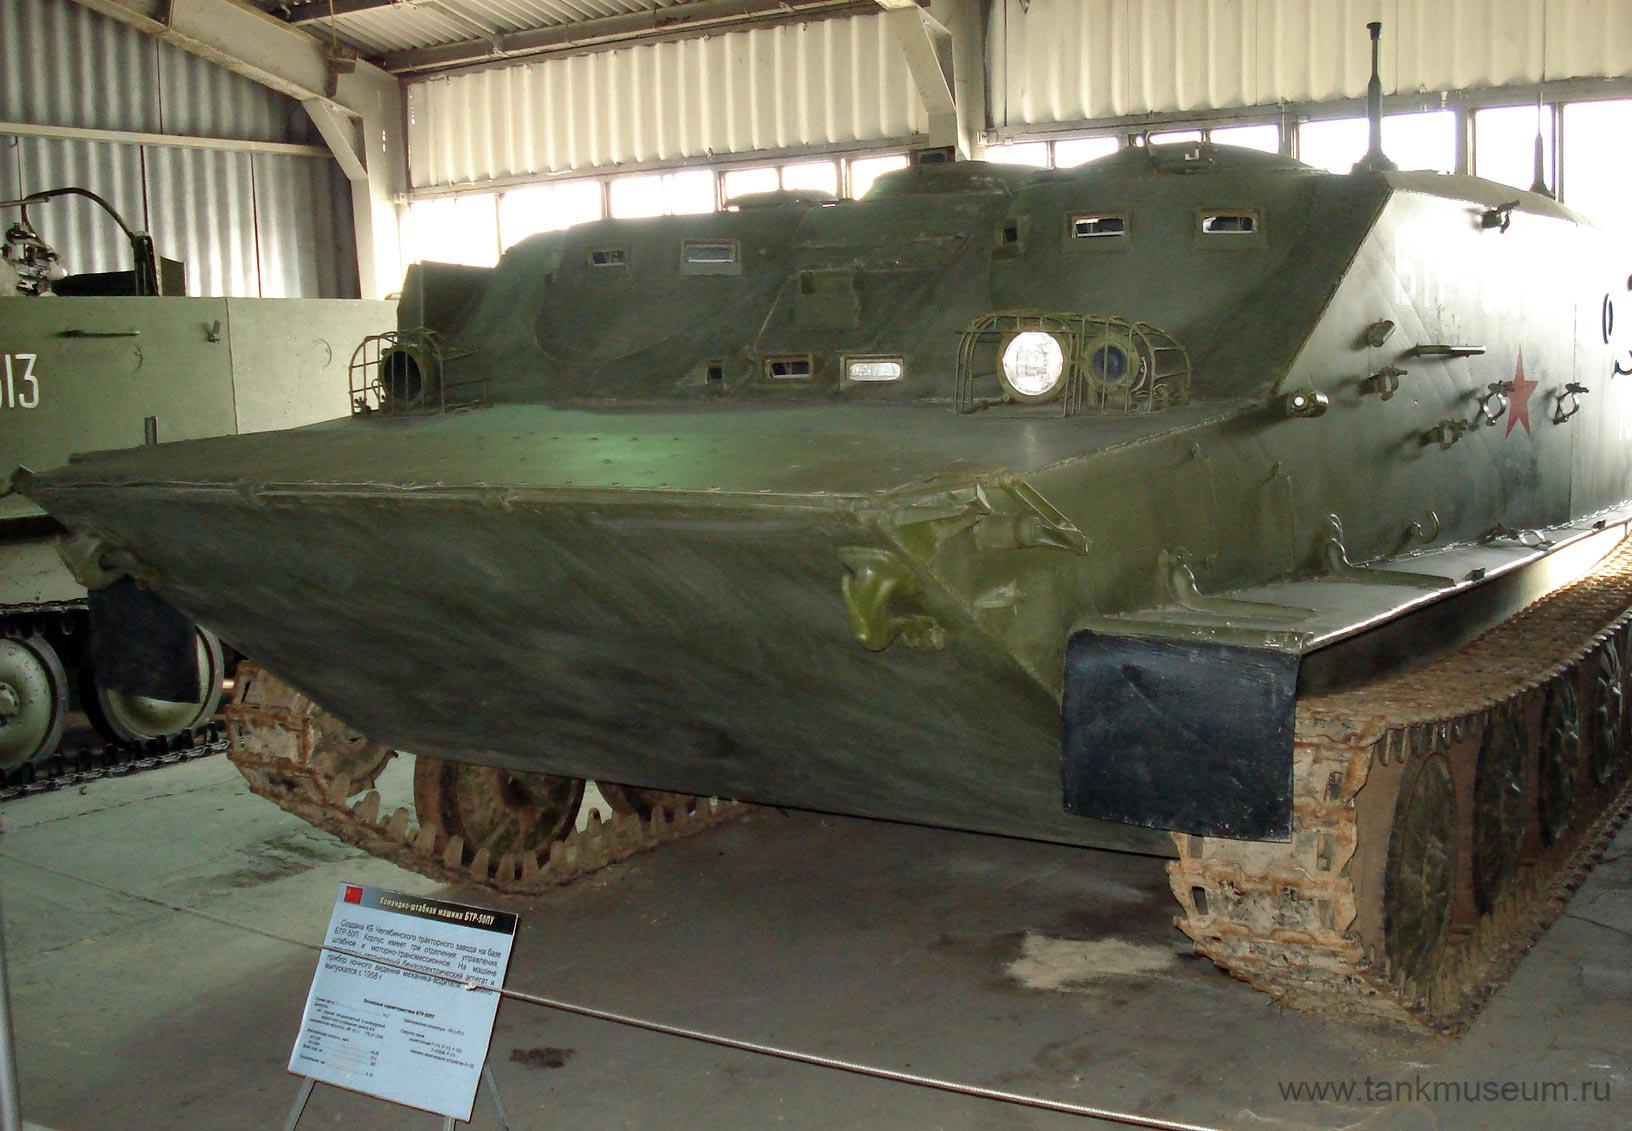 Командно-штабная машина управления БТР-50ПН, танковый музей в Кубинке